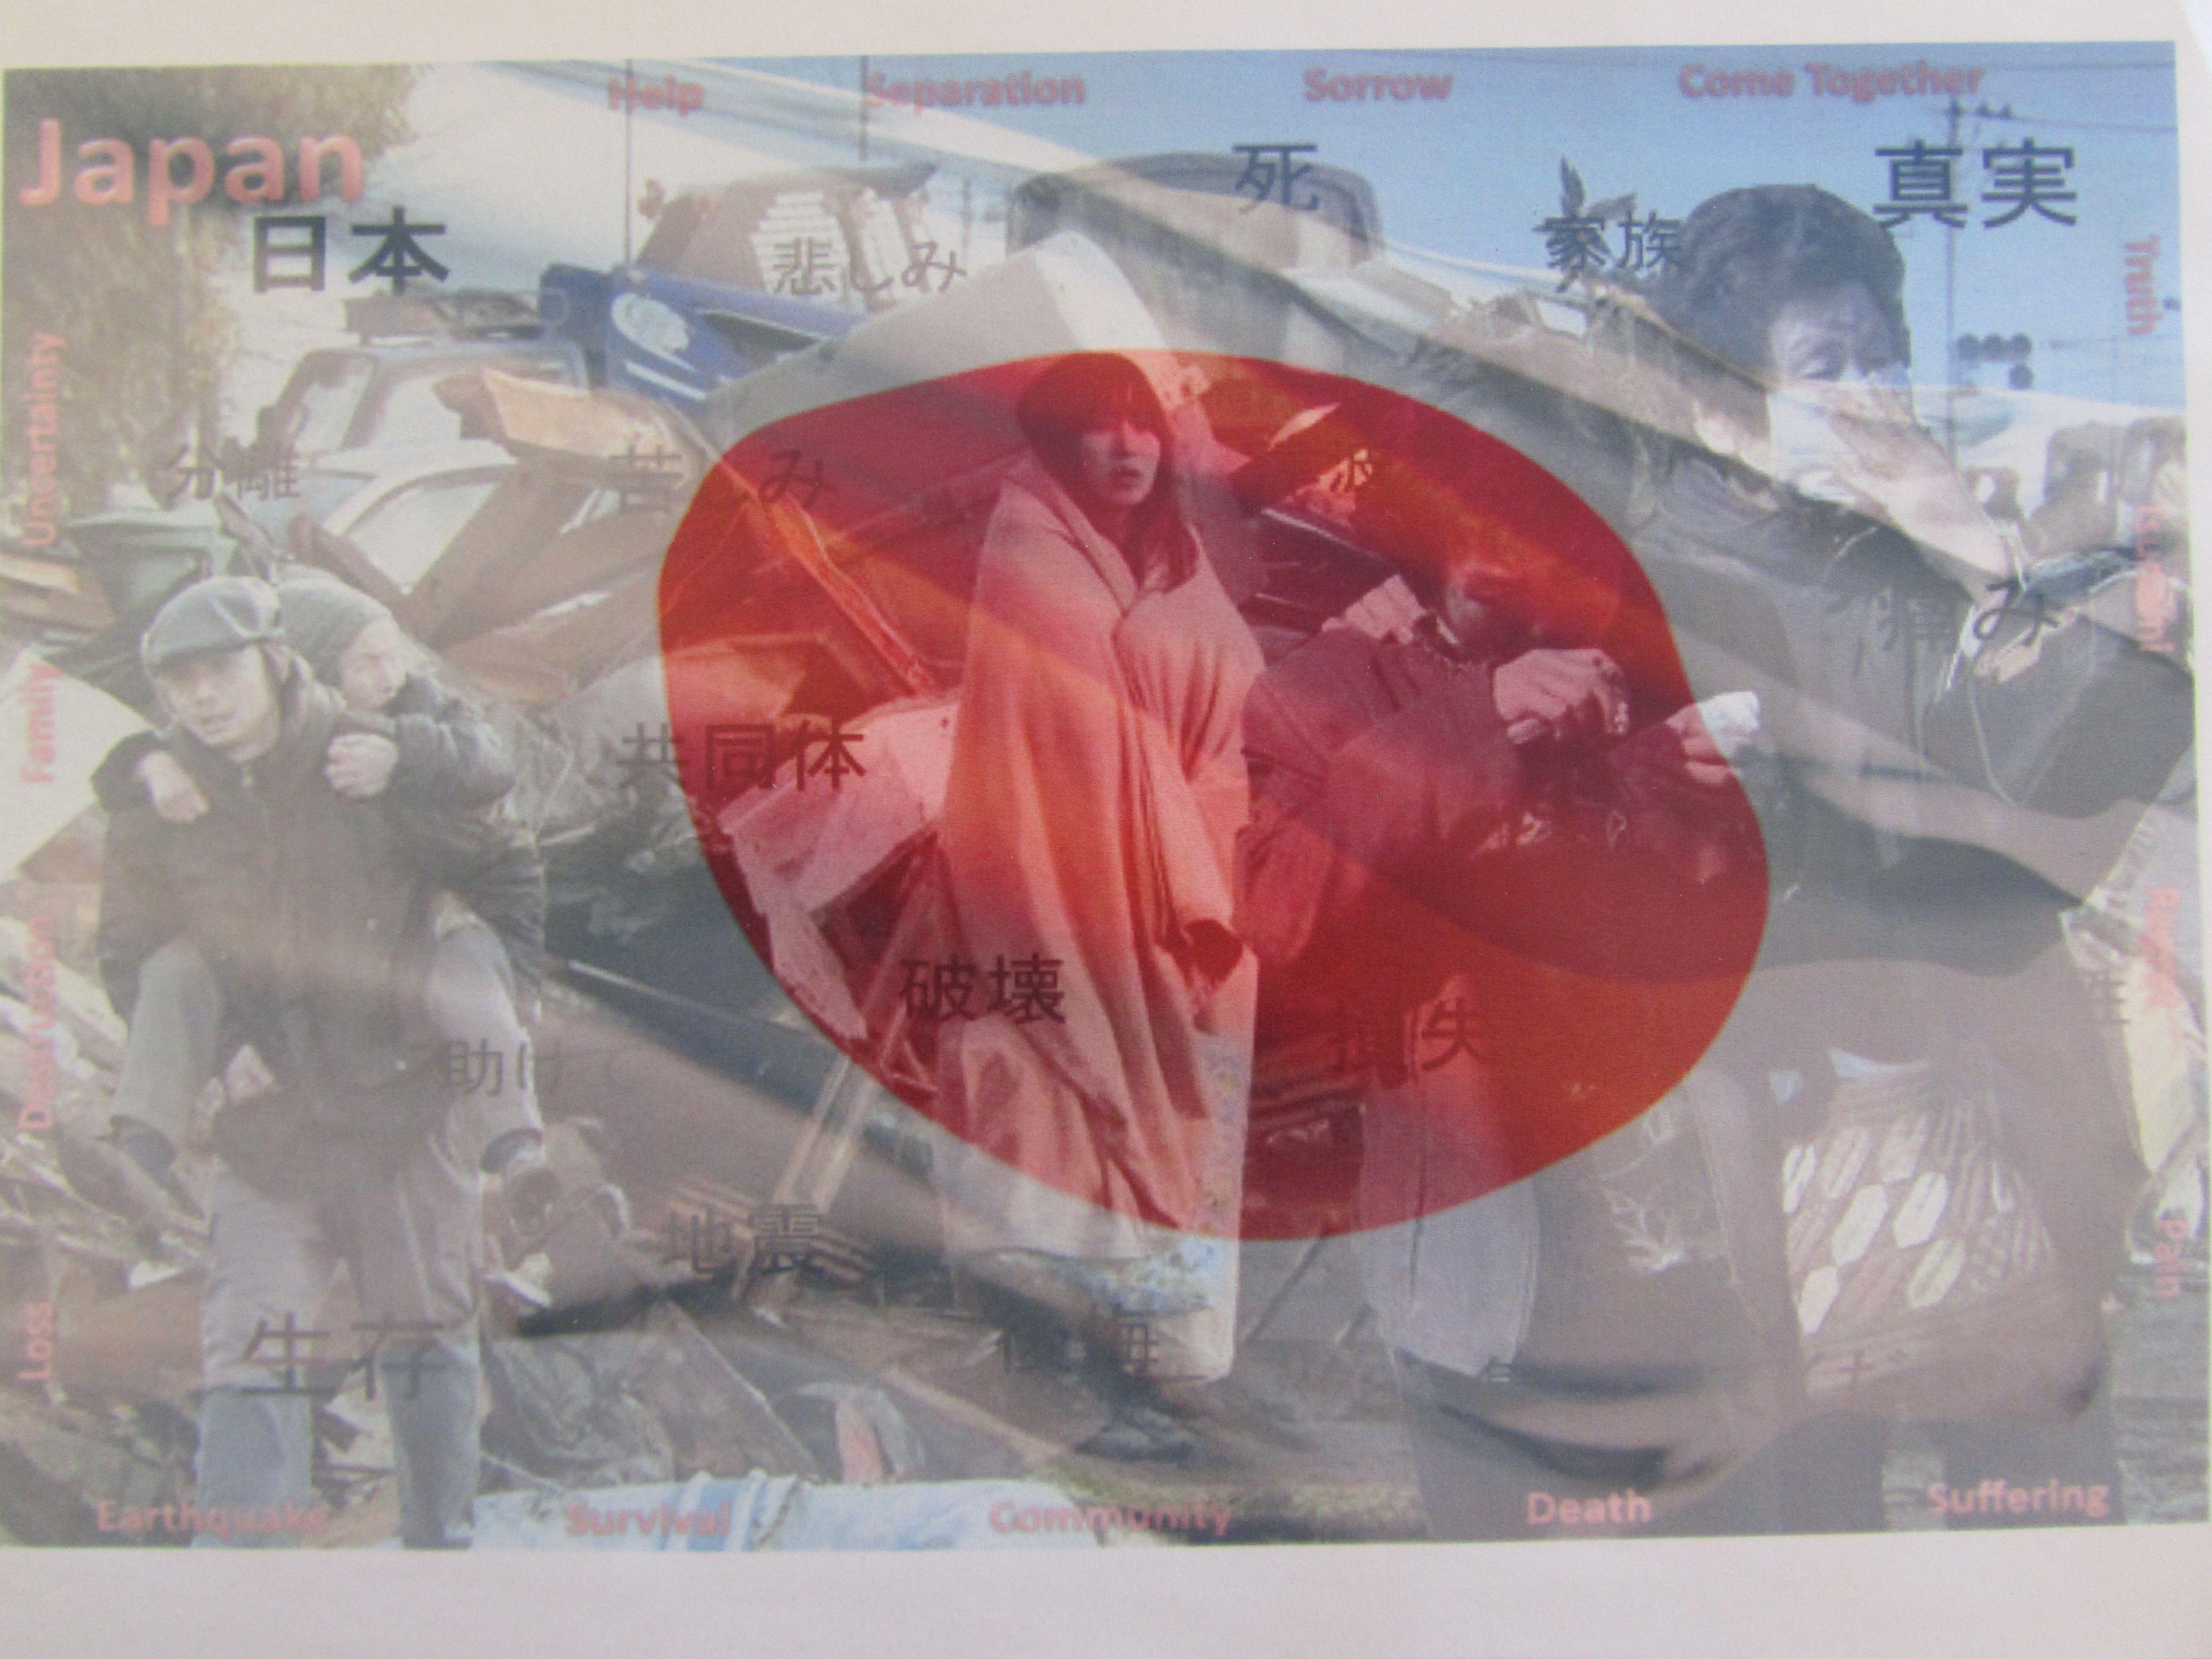 in honor of Japan